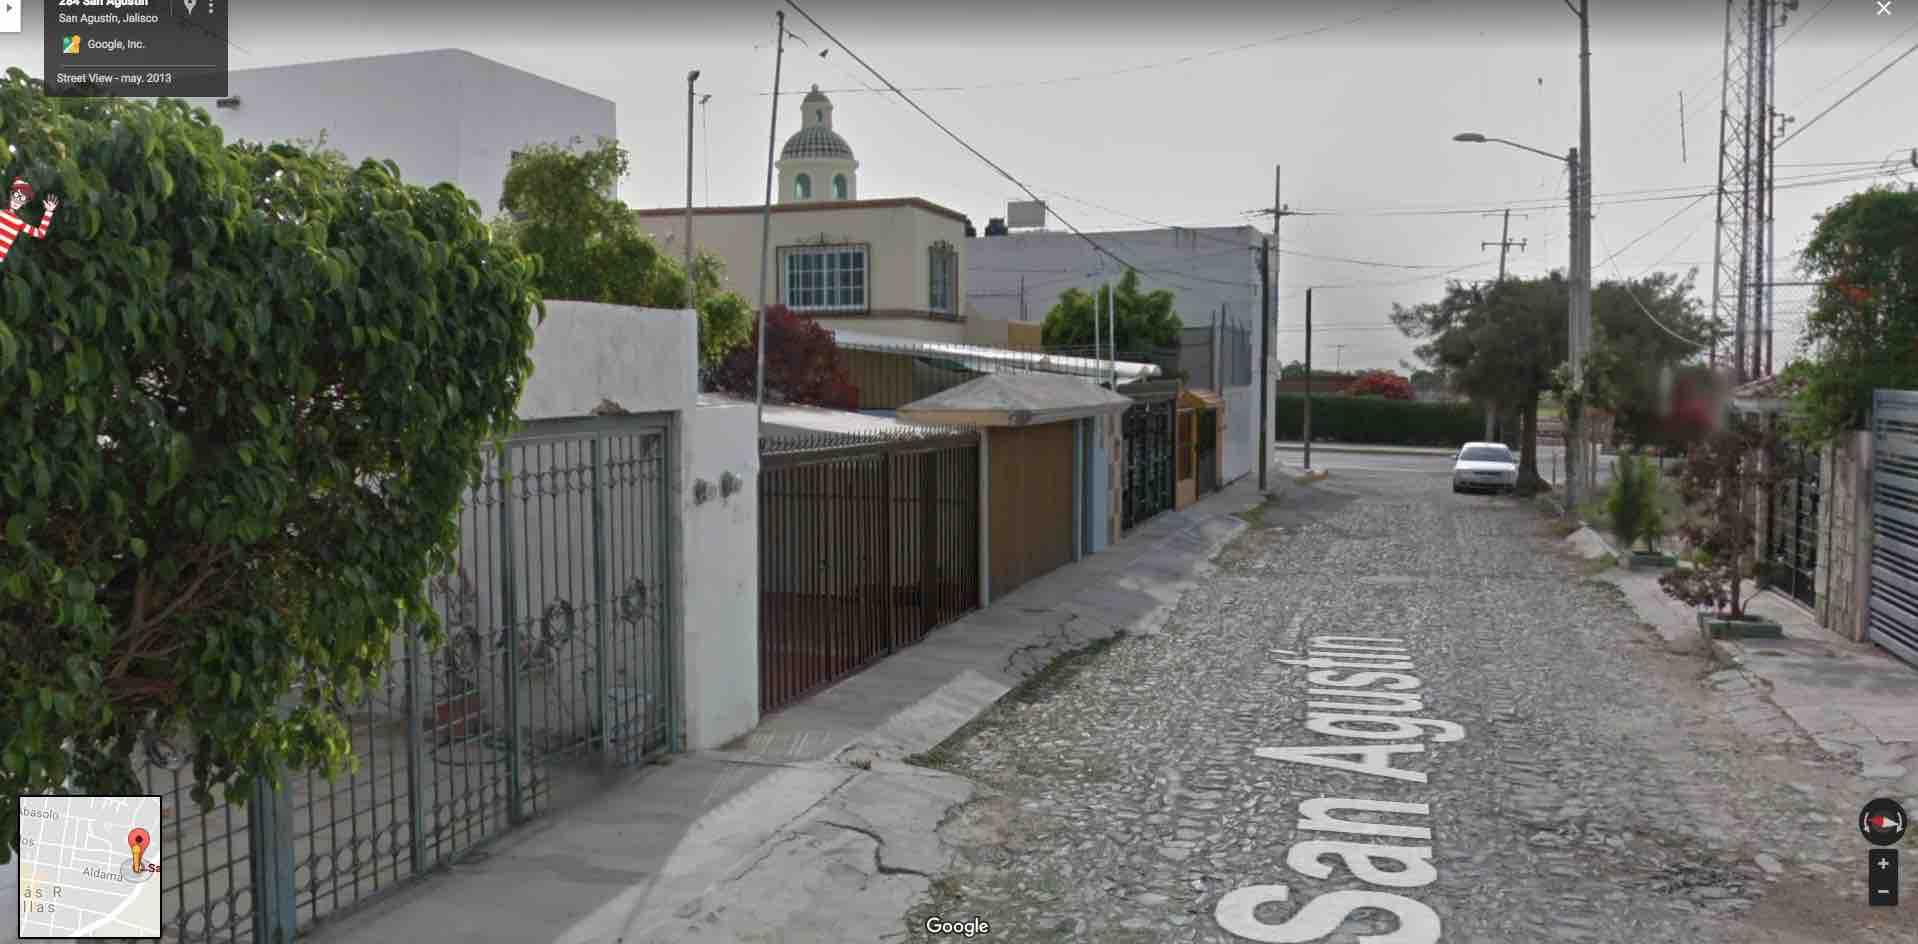 Fracc. San Agustin, Calle San Agustin  283, Tlajomulco, Jal.